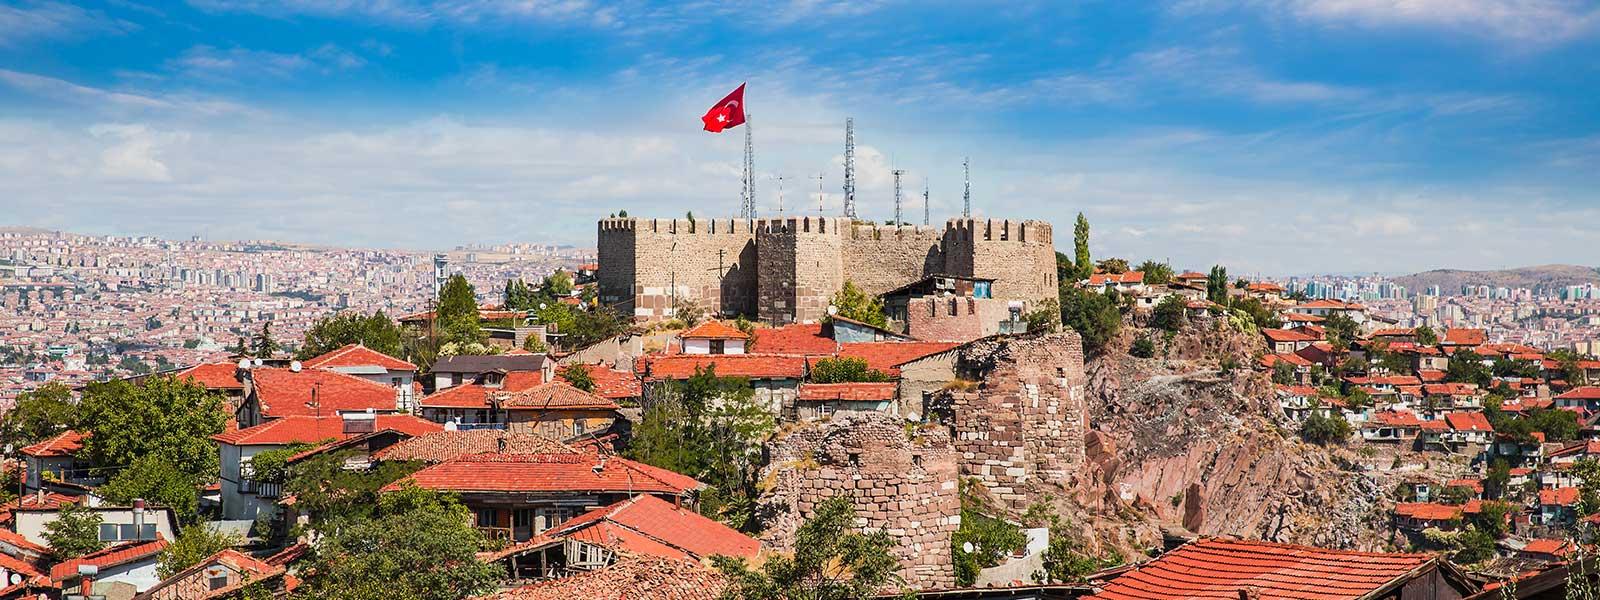 Citadel of Ankara